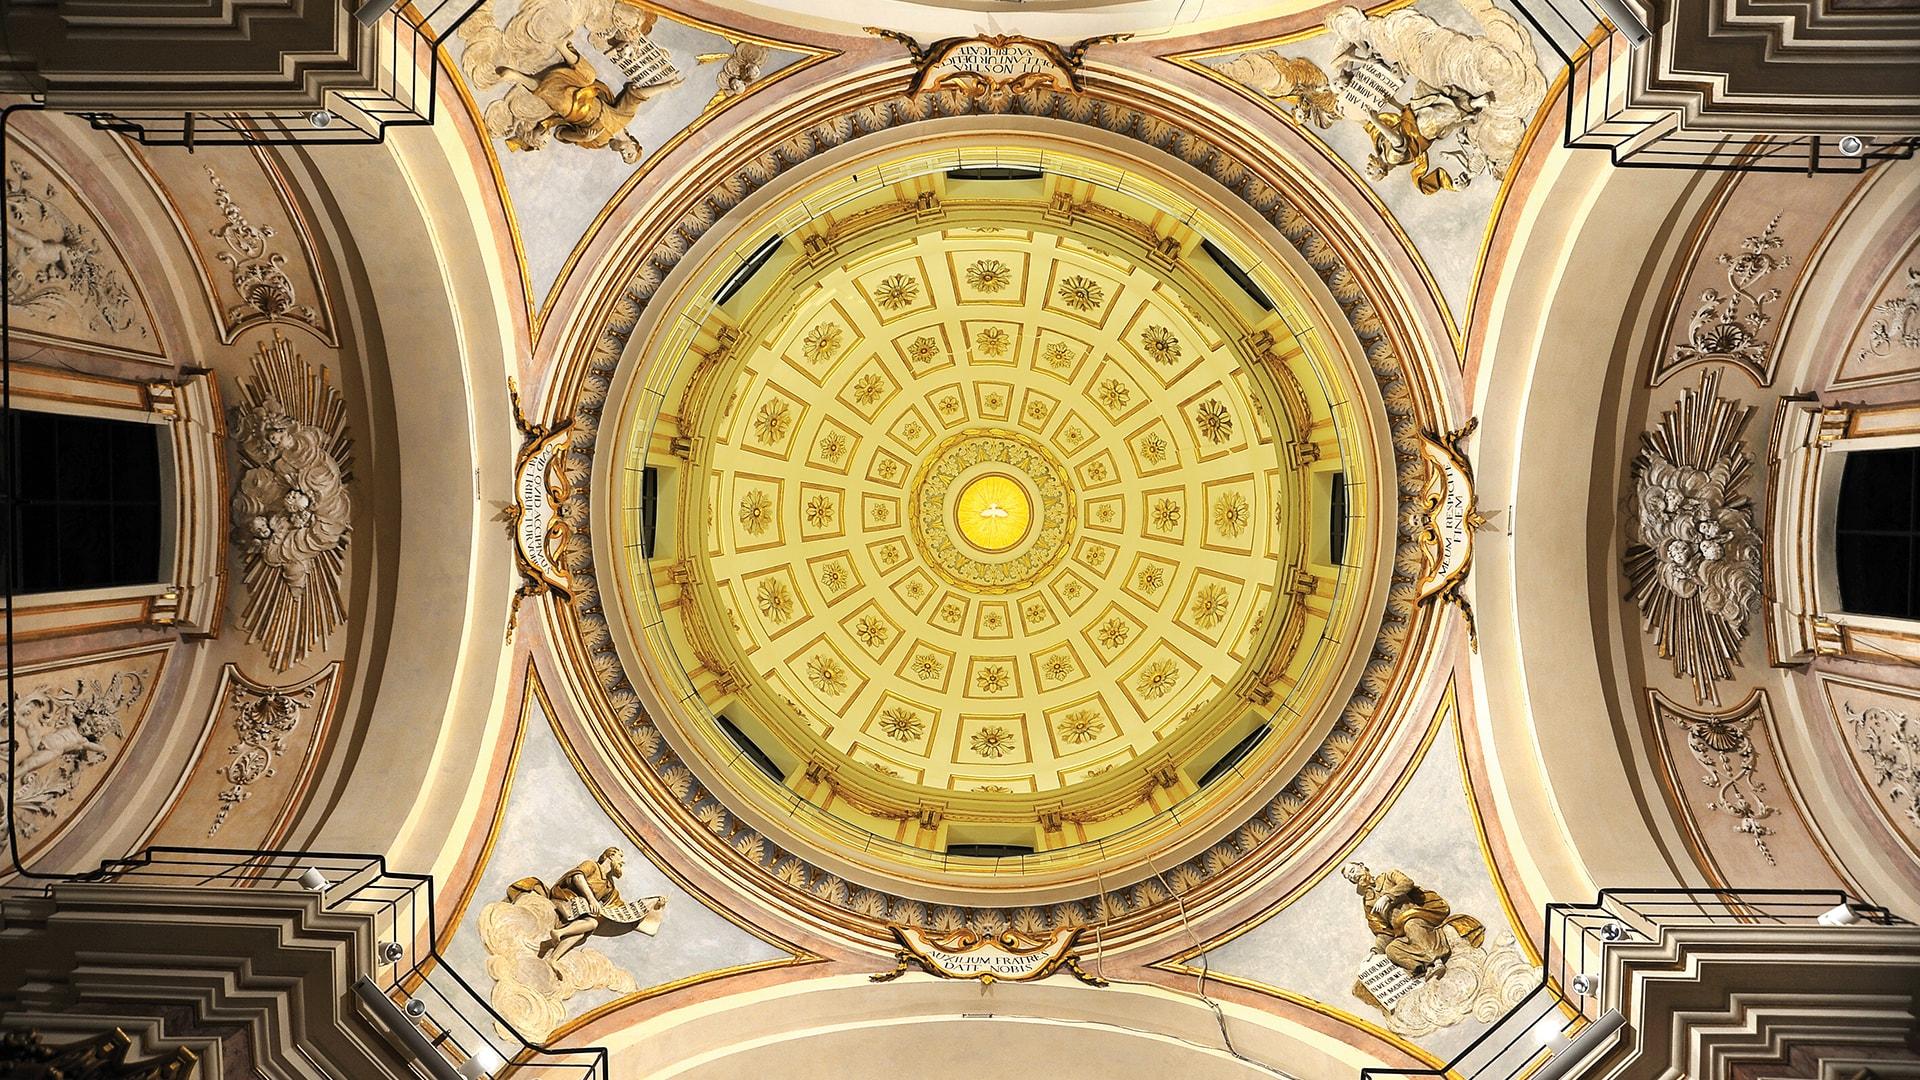 chiesa-santa-maria-suffragio-anime-sante-laquila-abruzzo-immagine-restauro-organo-16